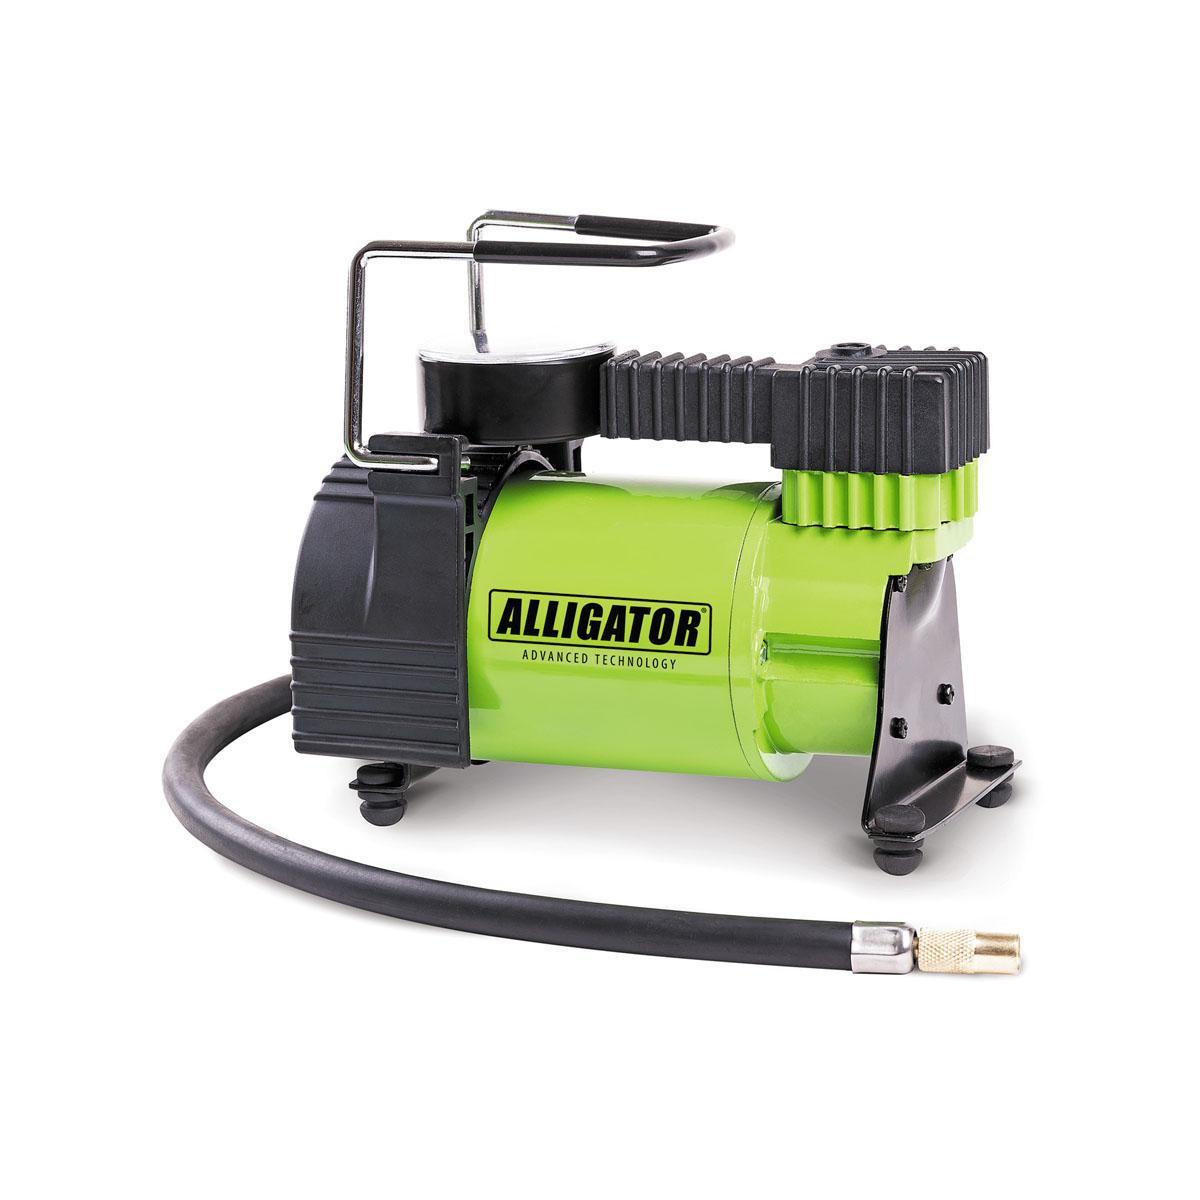 Компрессор автомобильный Автопрофи Аллигатор, 12В, 120 Вт. AL-350AL-350Автомобильный компрессор Автопрофи Аллигатор выполнен из высококачественного металла. В комплекте переходники для накачки надувных изделий. Питание осуществляется от бортовой сети 12В. Компрессор может непрерывно работать в течение 20 минут.В комплекте сумка для удобной переноски и хранения. Напряжение: 12В. Мощность: 120 Вт. Производительность: 30 л/мин. Максимальное давление 10 АТМ. Длина кабеля питания: 3 м. Длина шланга: 70 см. Время непрерывной работы: 20 минут. Диаметр поршня: 30 мм.Рабочая температура: от -20°С до +50°С.Максимальный ток: 14 А.